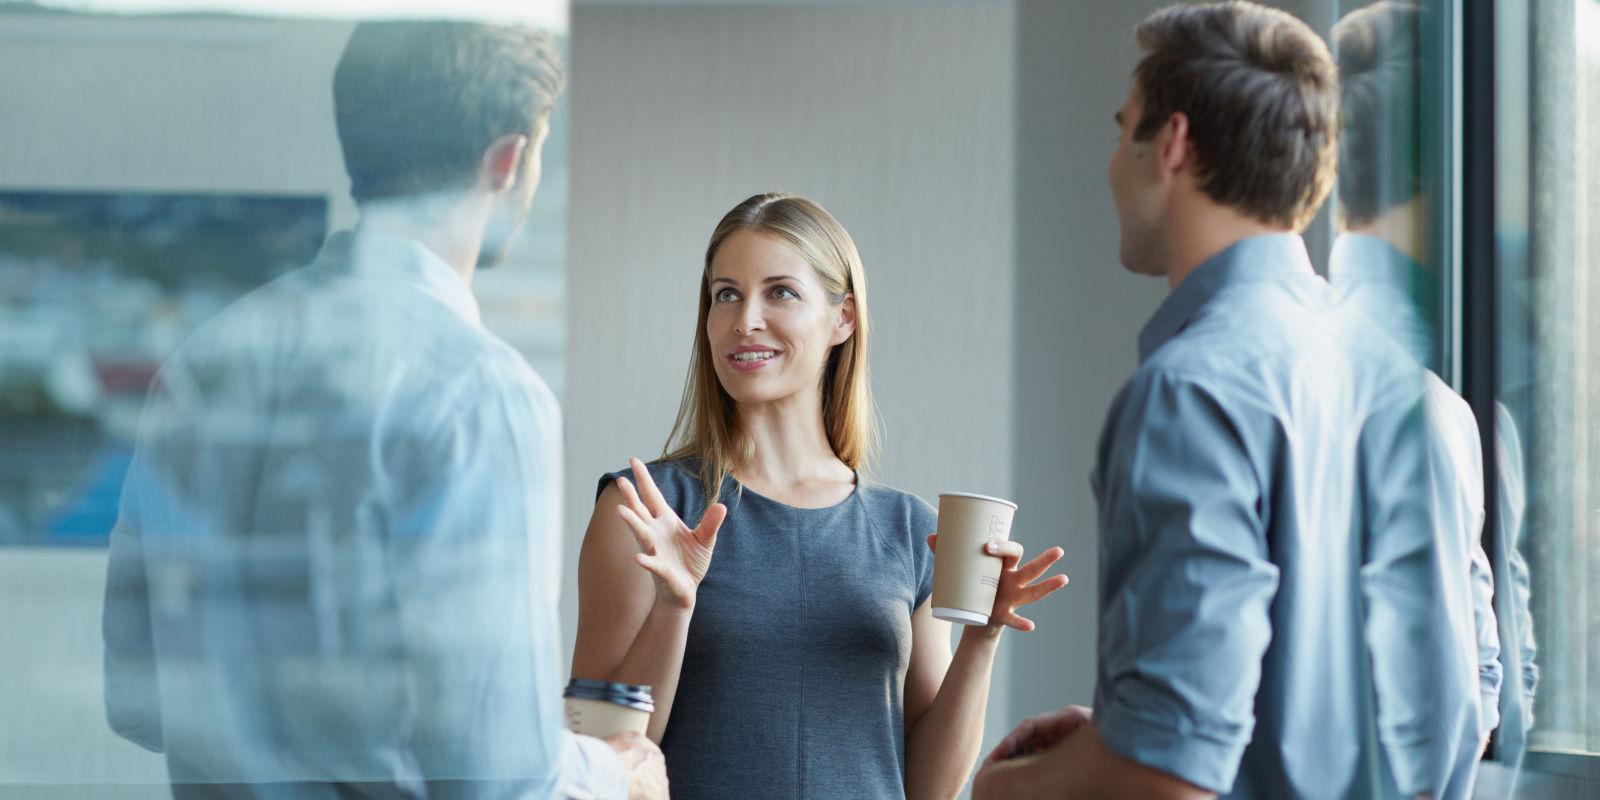 女性が自分の信頼を得るために話す方法